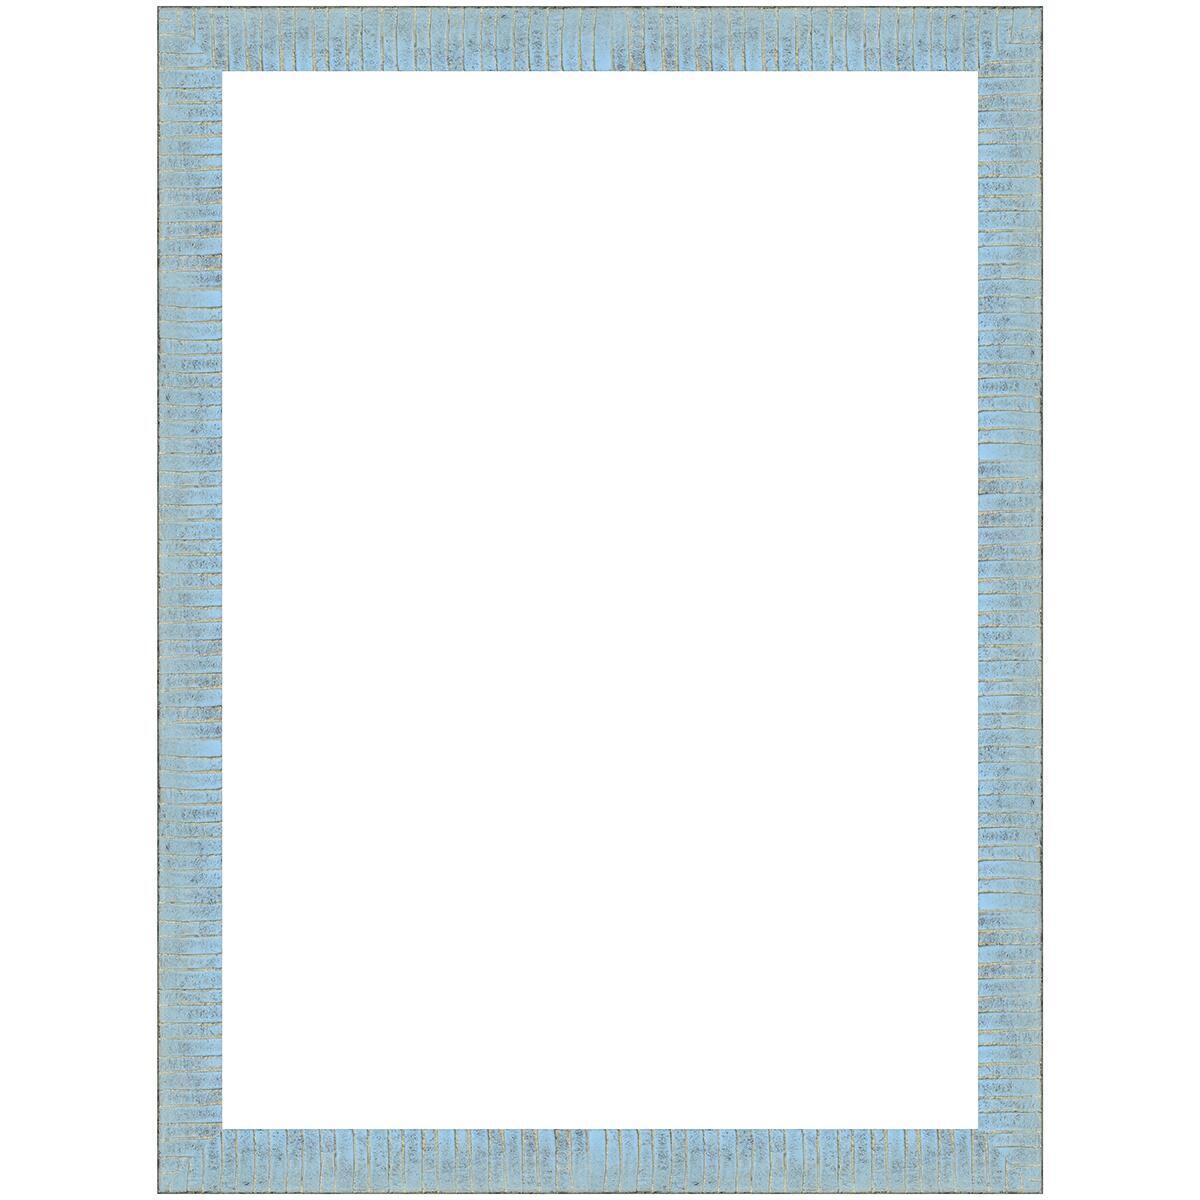 Cornice Medina azzurro<multisep/>oro per foto da 50x70 cm - 2